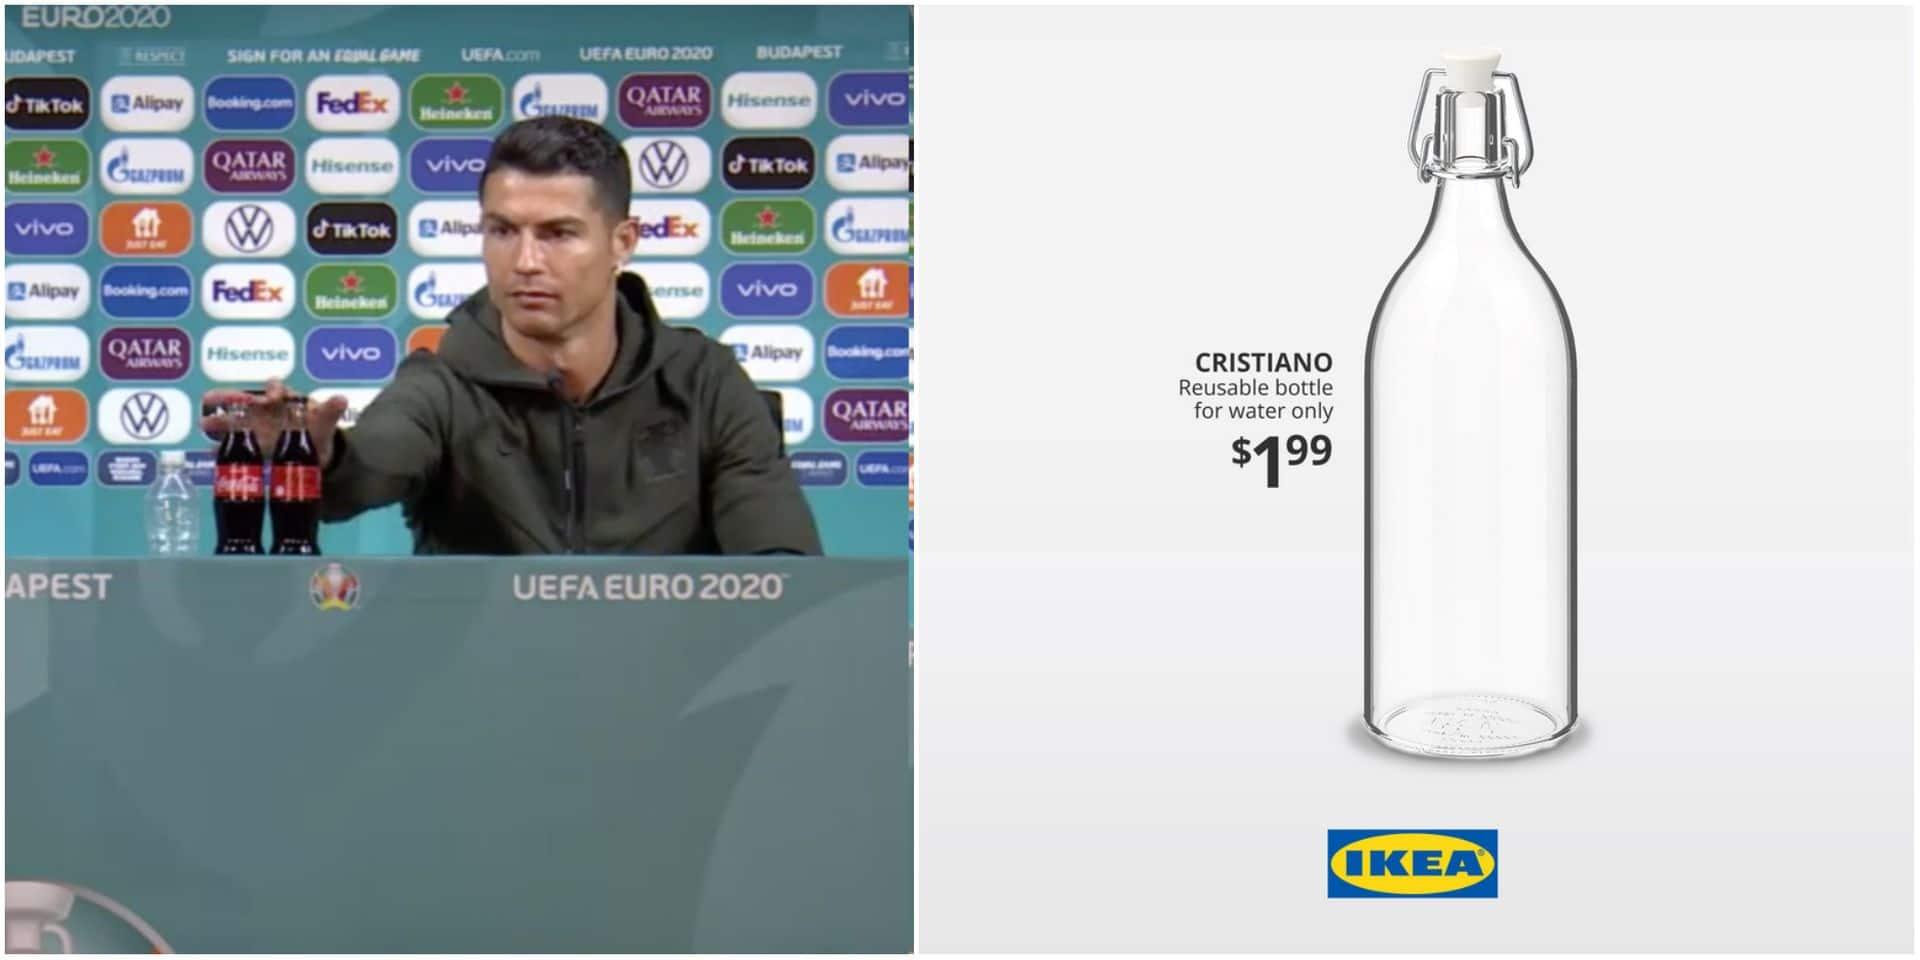 """Ikea s'empare du buzz de Ronaldo avec Coca-Cola et lance sa bouteille """"Cristiano"""": """"Réutilisable pour l'eau uniquement"""""""